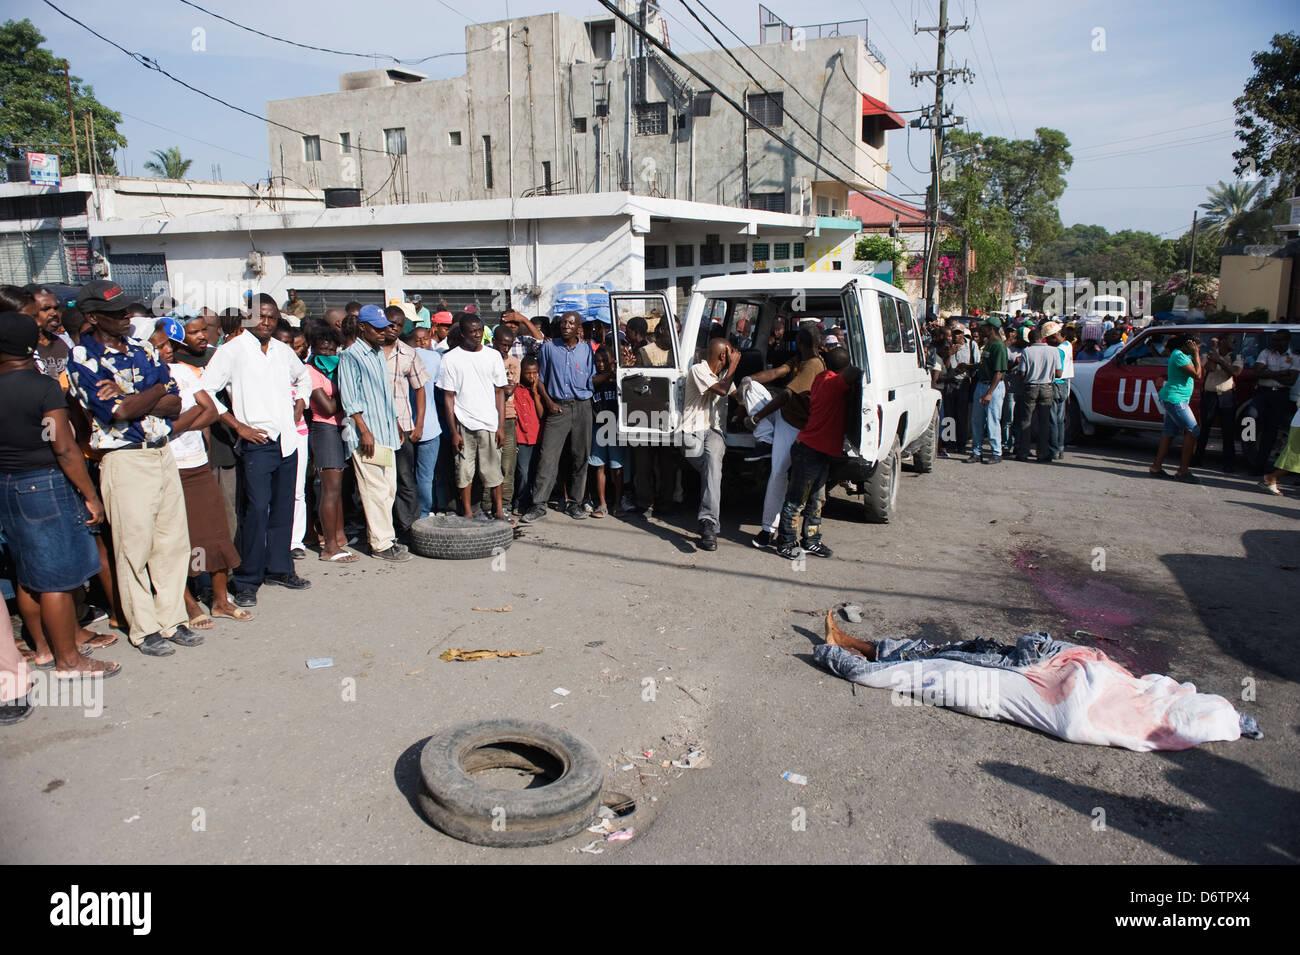 Golpear y correr víctima, el terremoto de enero de 2010, Port-au-Prince, Haití, el Caribe Imagen De Stock